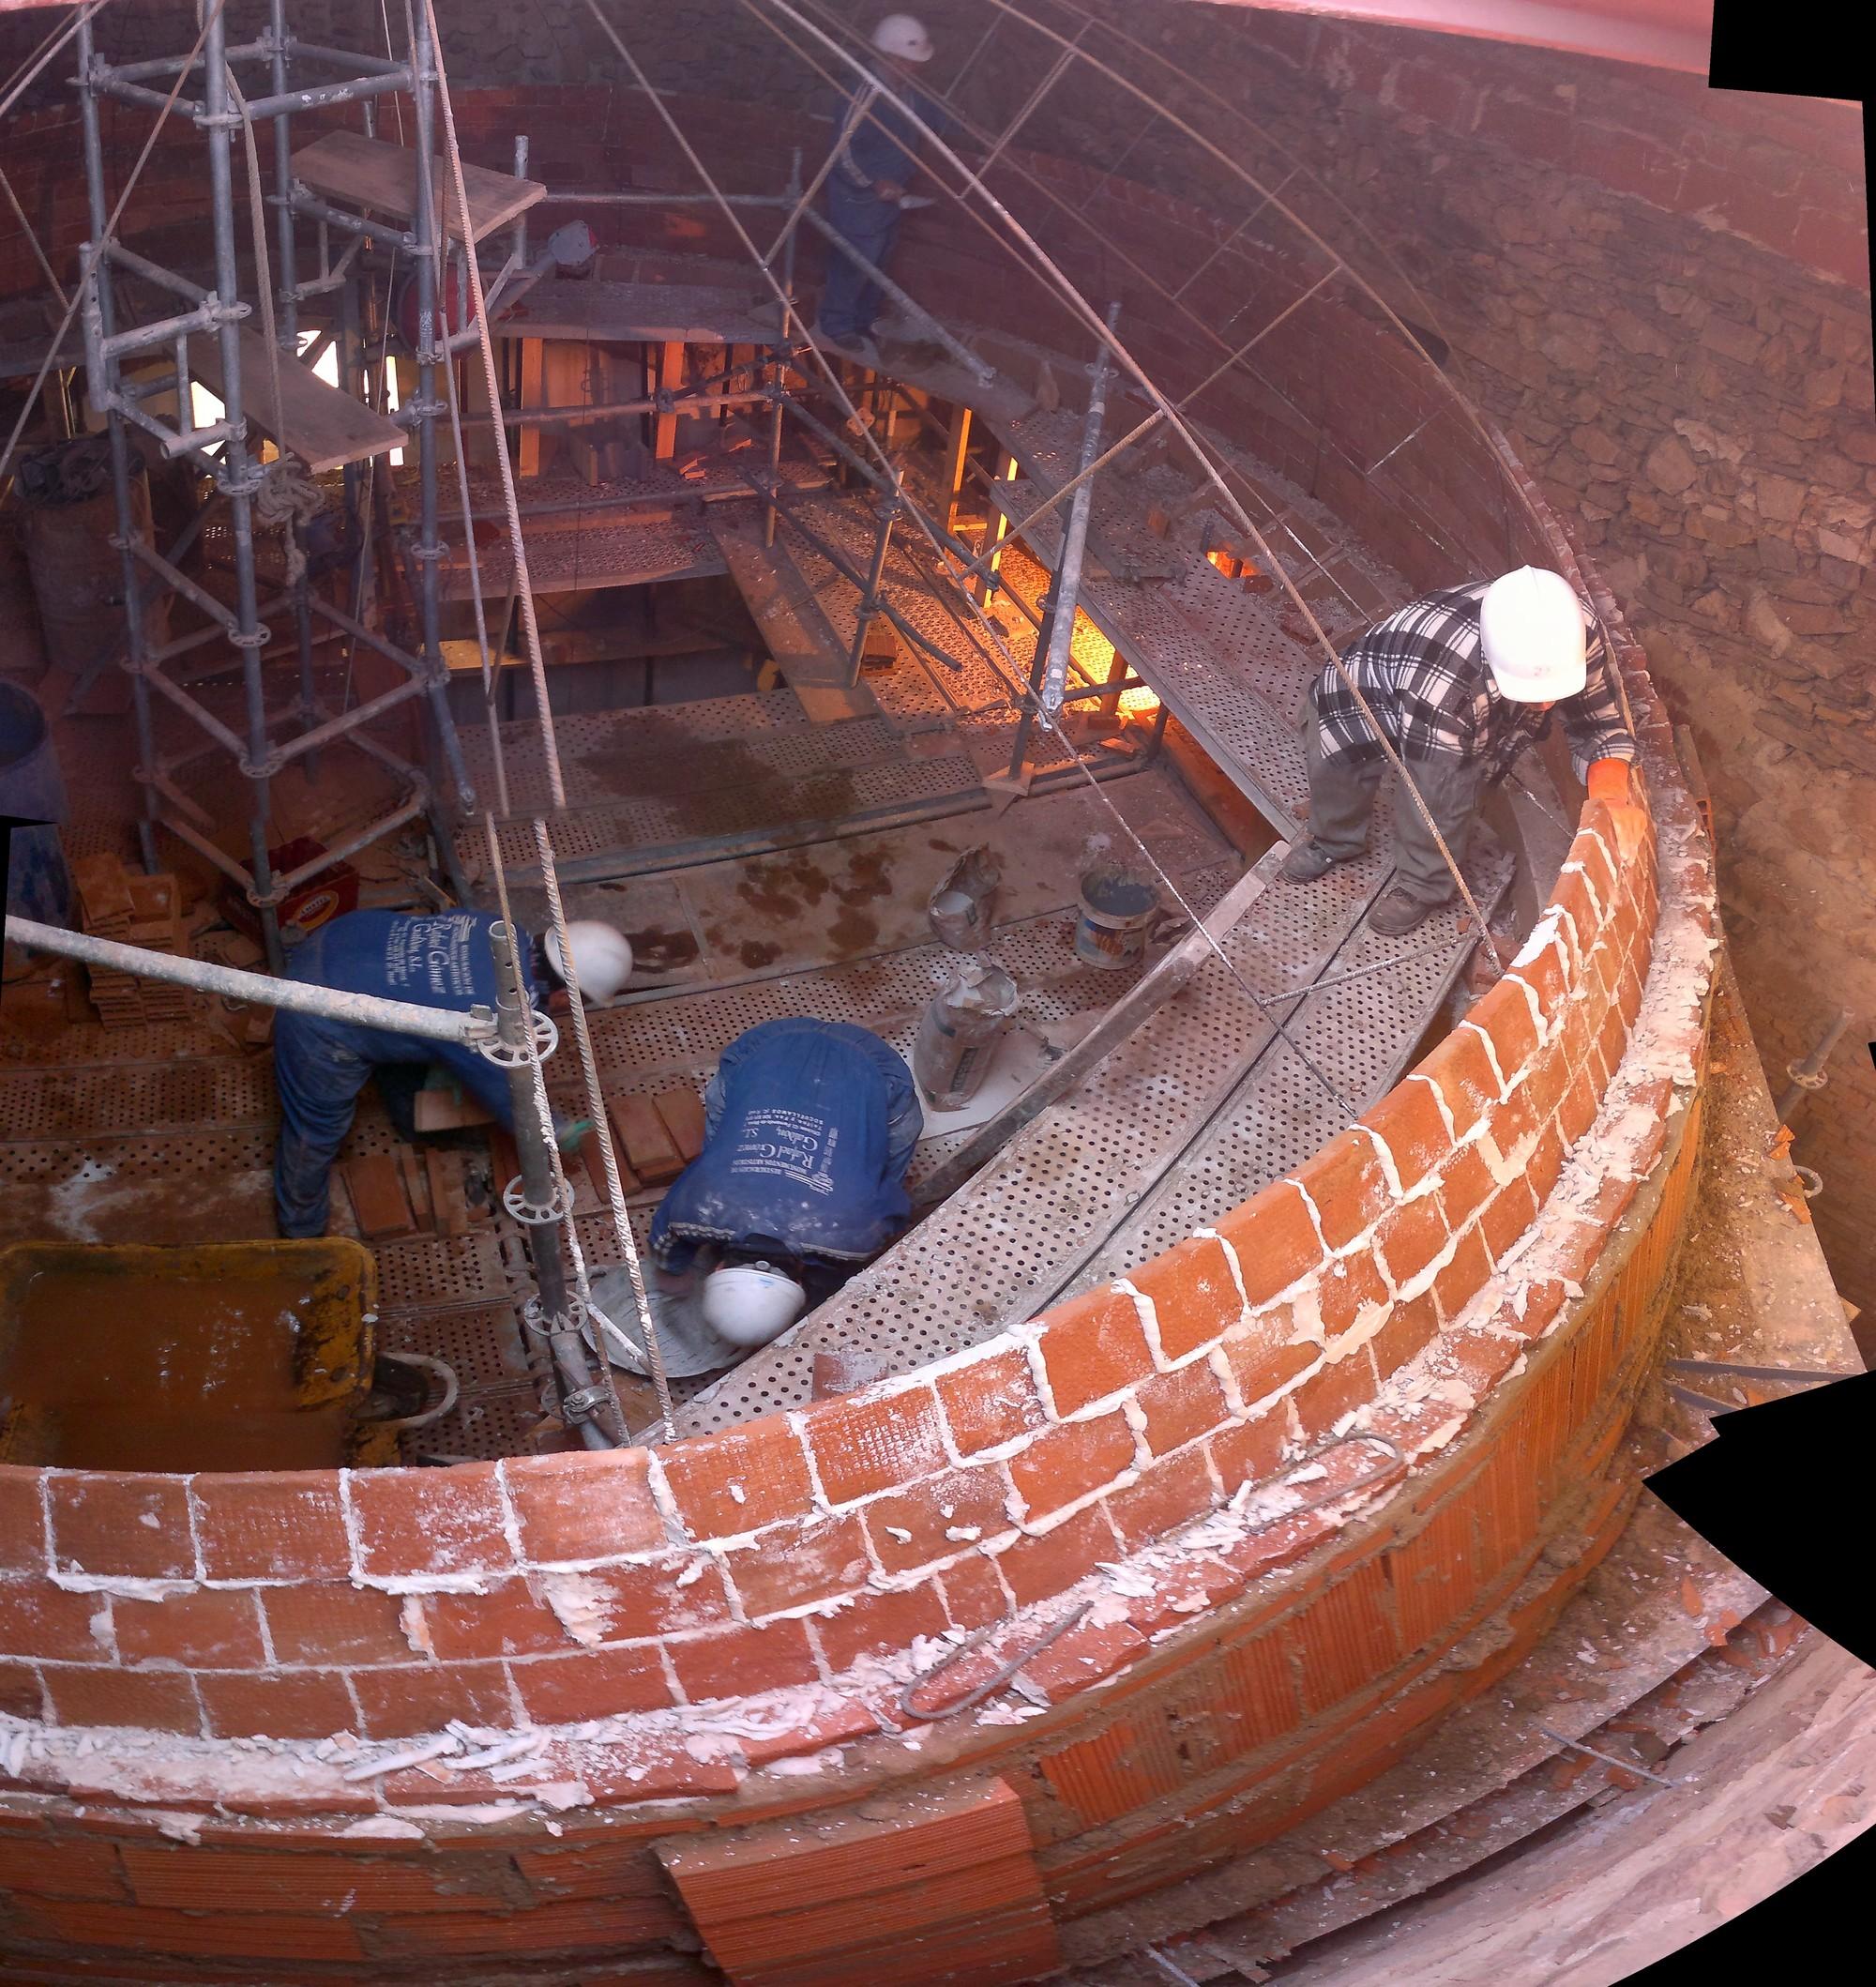 En Detalle: reconstrucción en albañilería de la Cúpula de la Iglesia Parroquial de Valverde de Los Arroyos, Cortesía de Julio Jesús Palomino